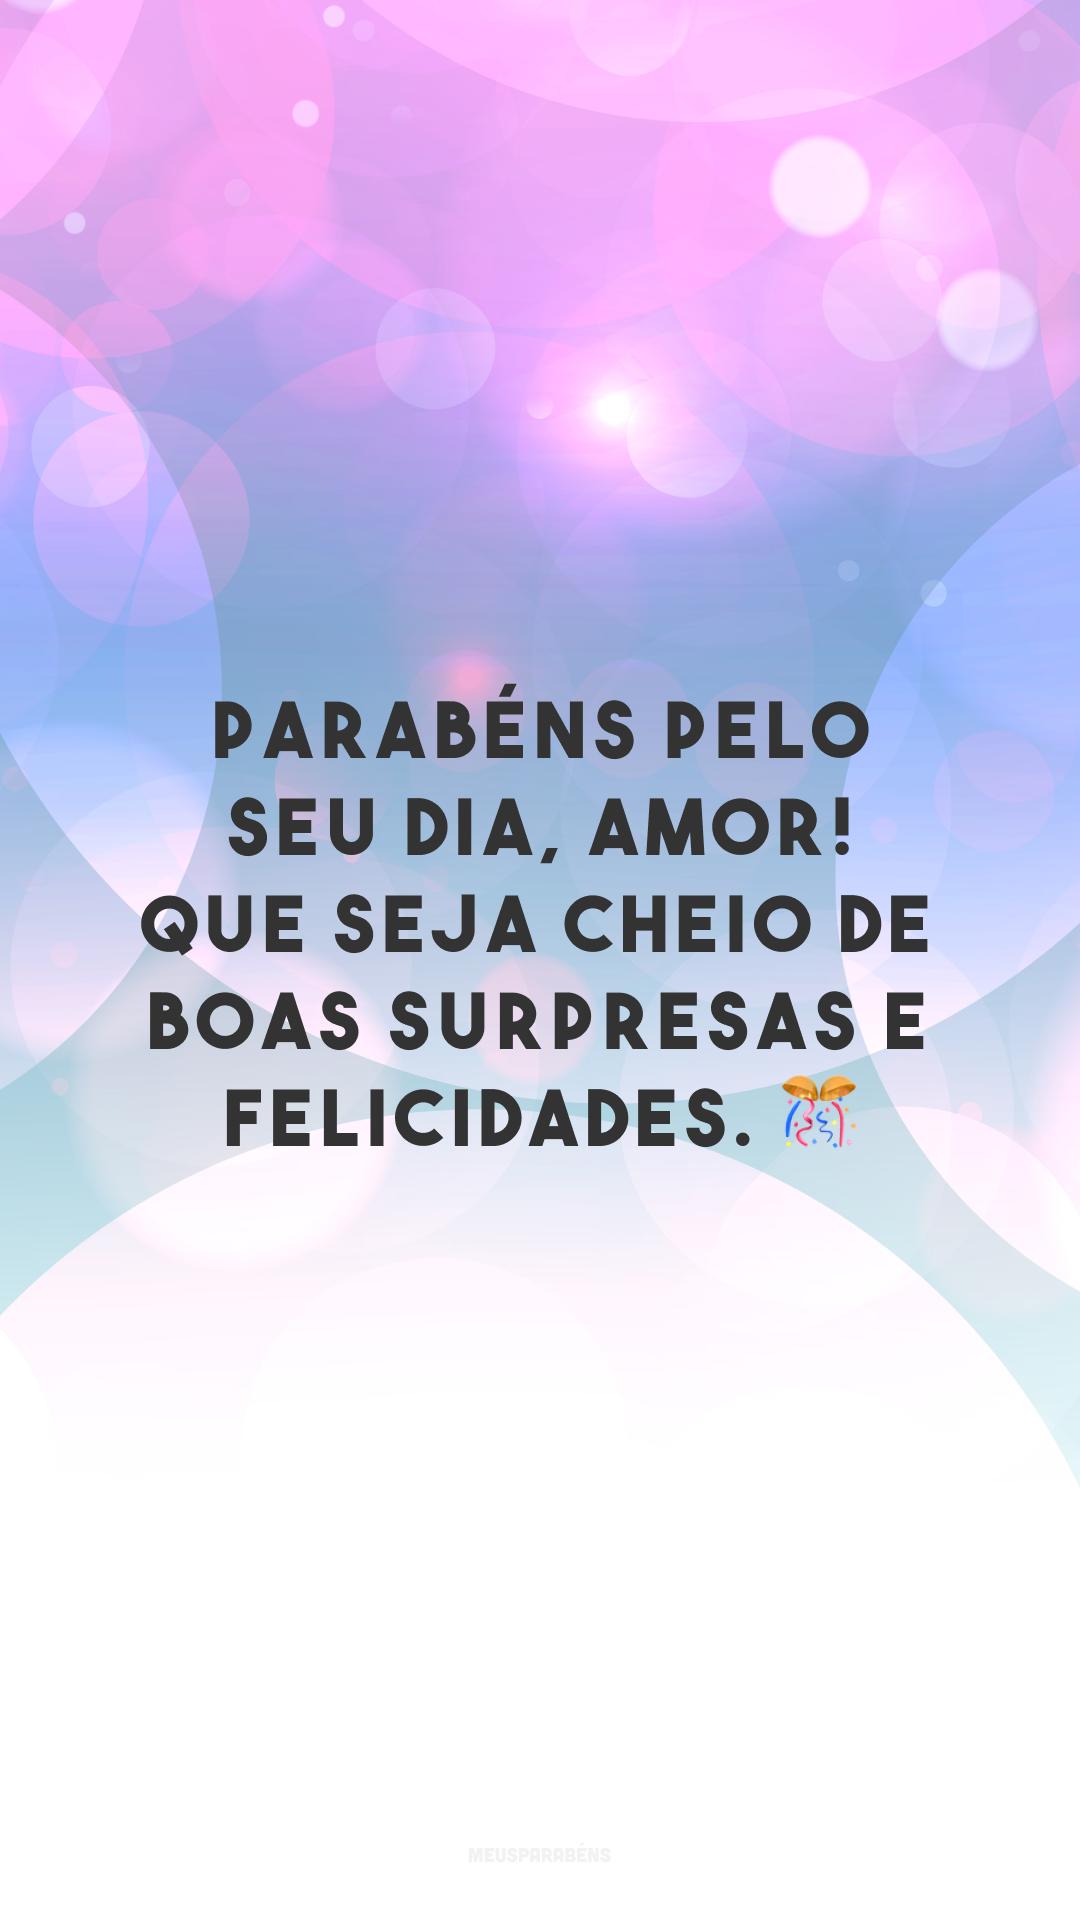 Parabéns pelo seu dia, amor! Que seja cheio de boas surpresas e felicidades. 🎊